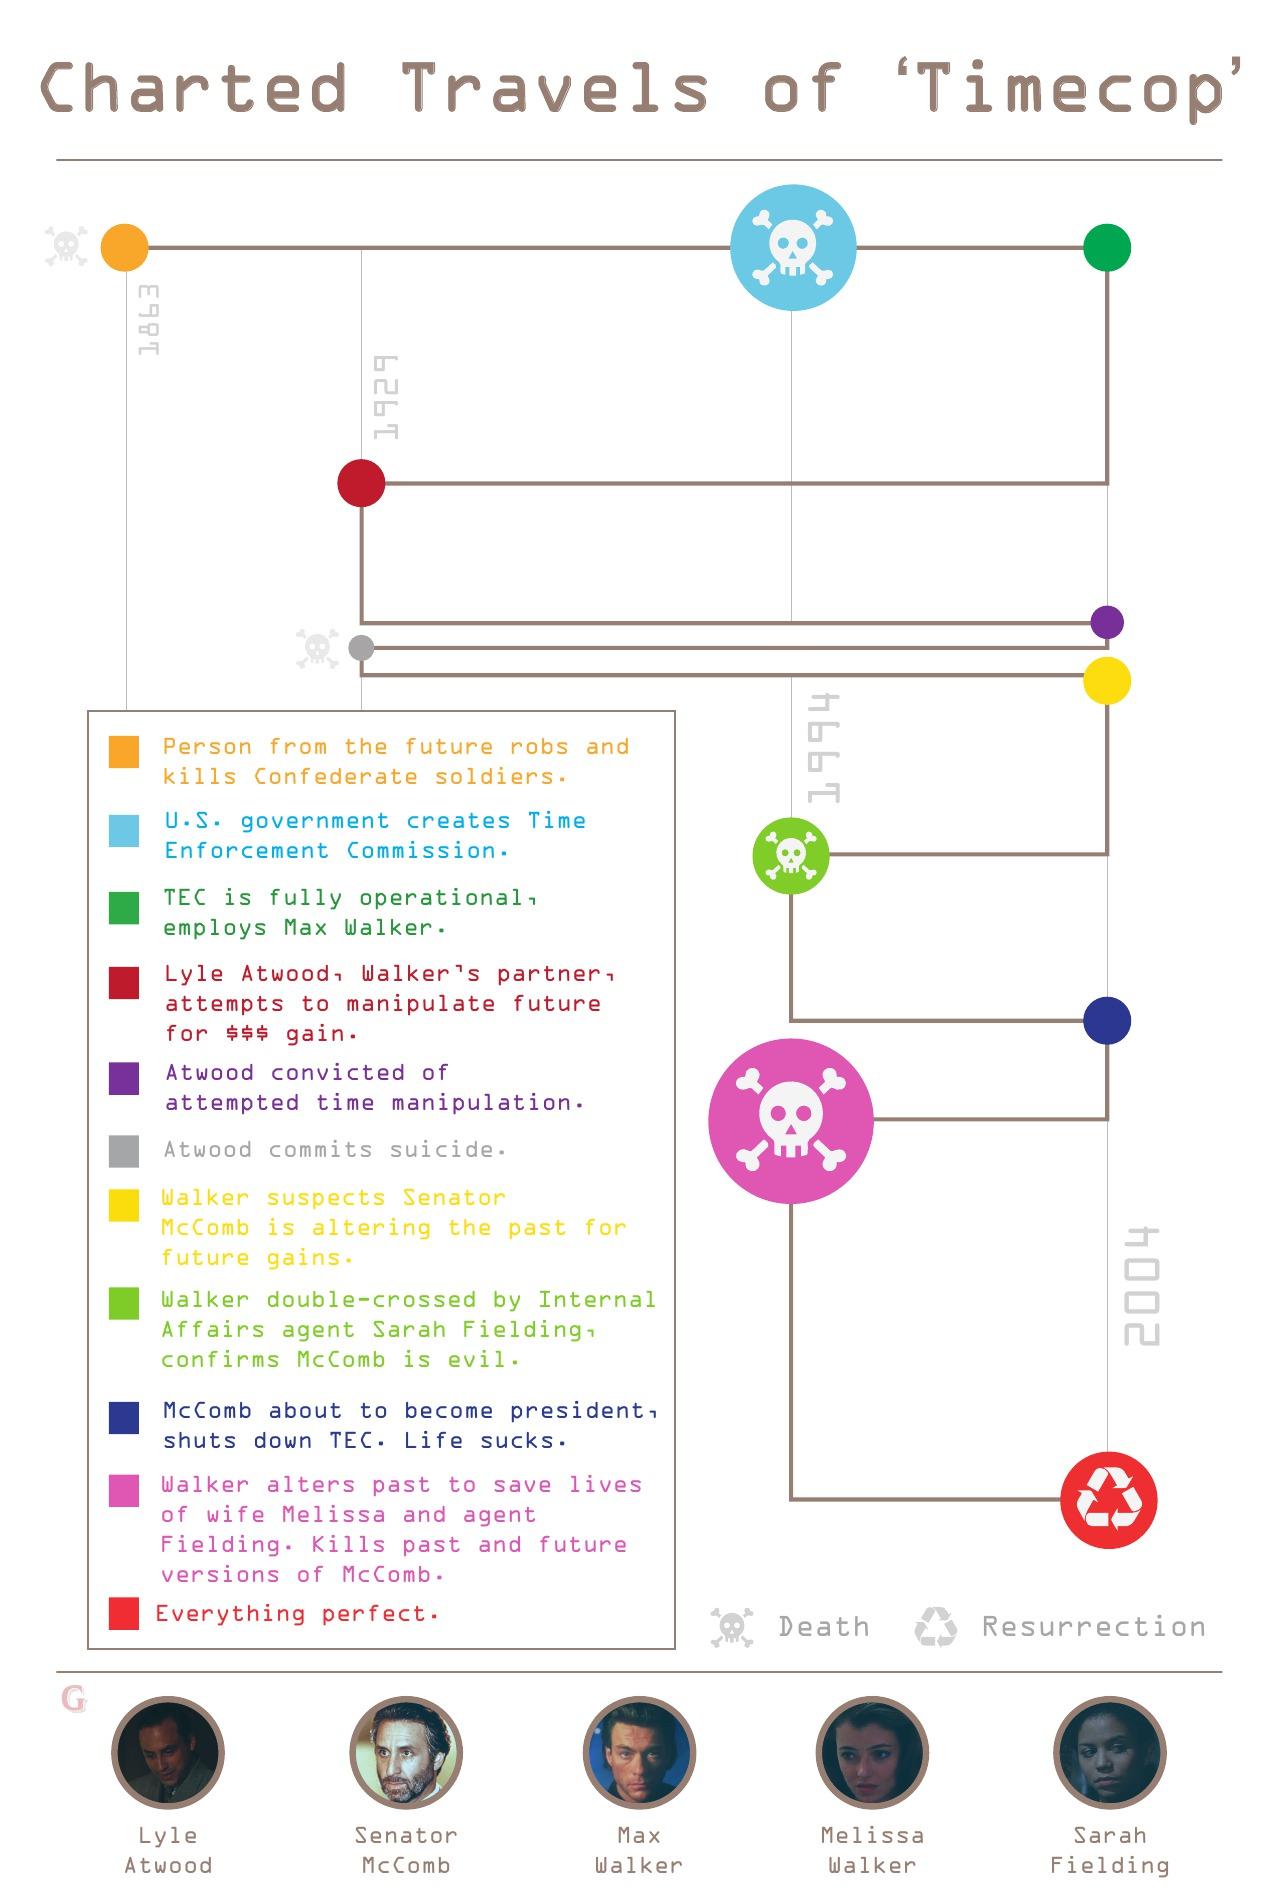 timecop_chart1